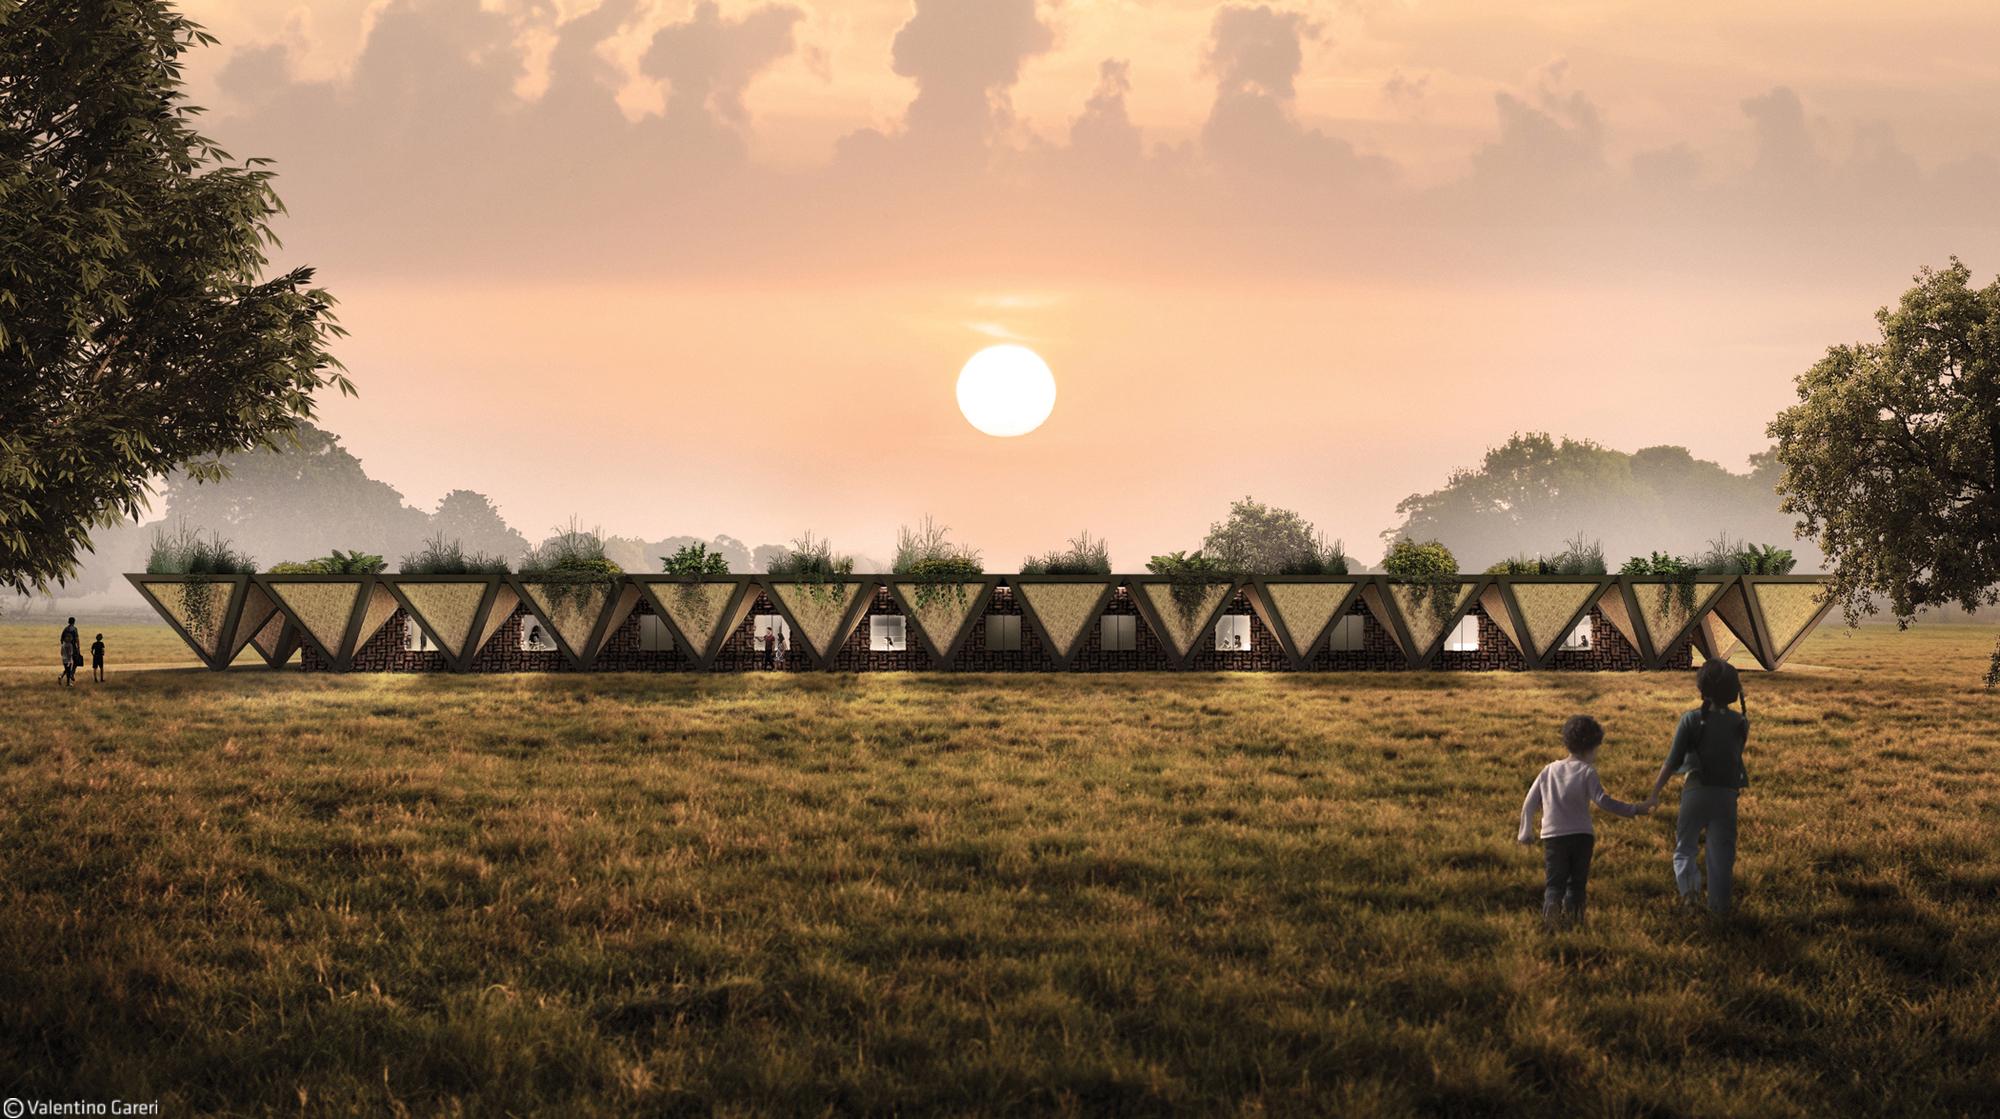 In Africa, A Modular Prototype School Combines the Practical and Utopian